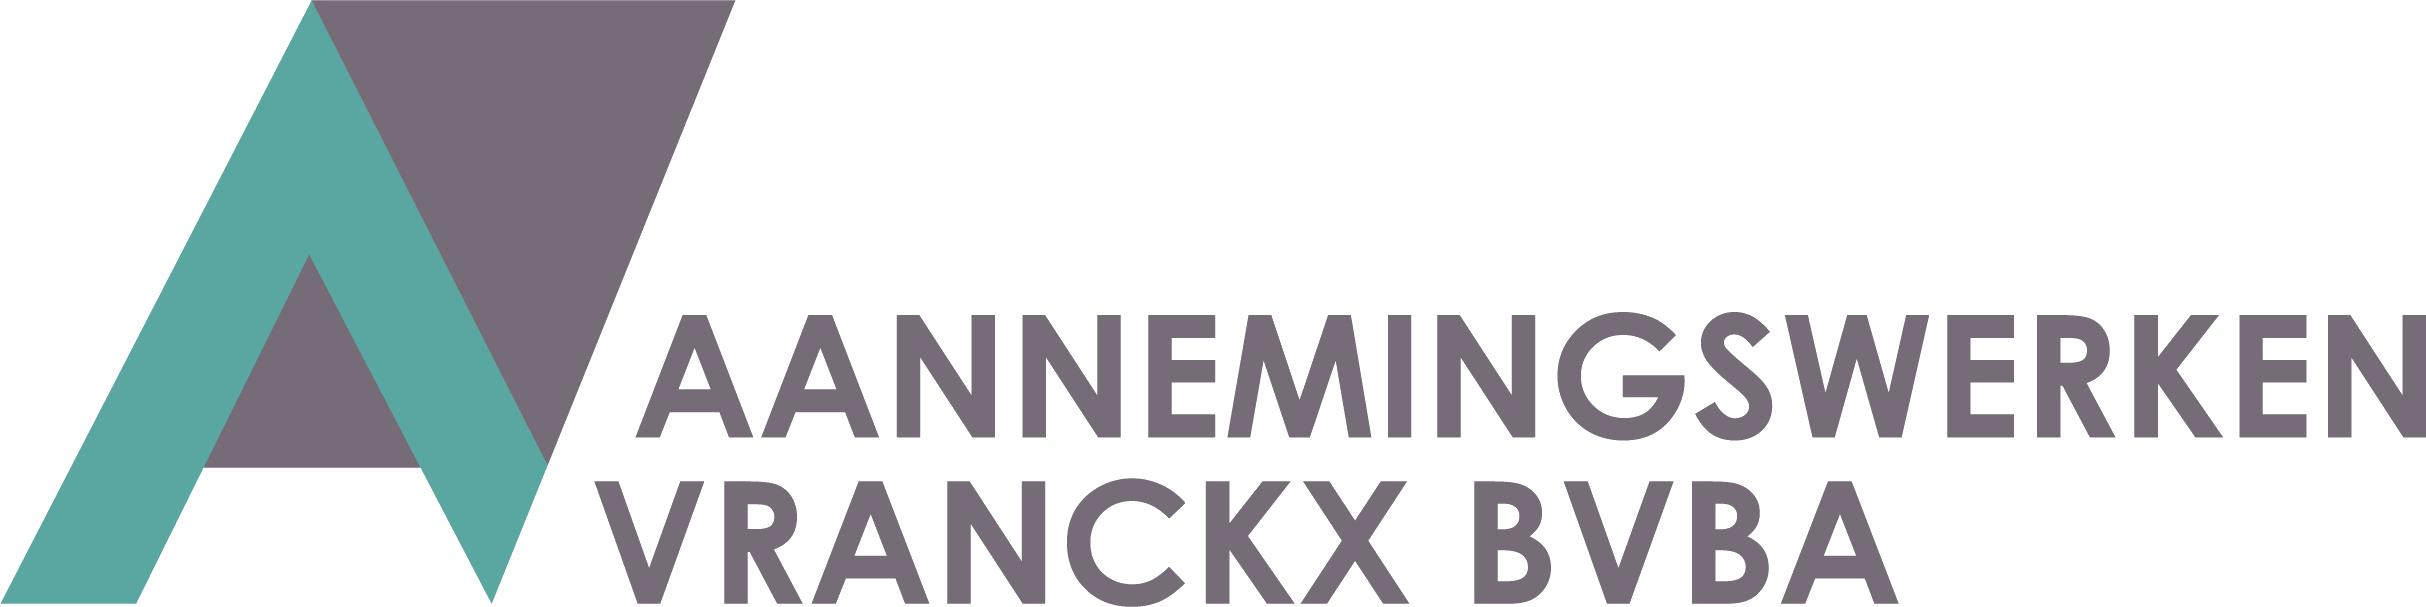 Aannemingswerken Vranckx BVBA